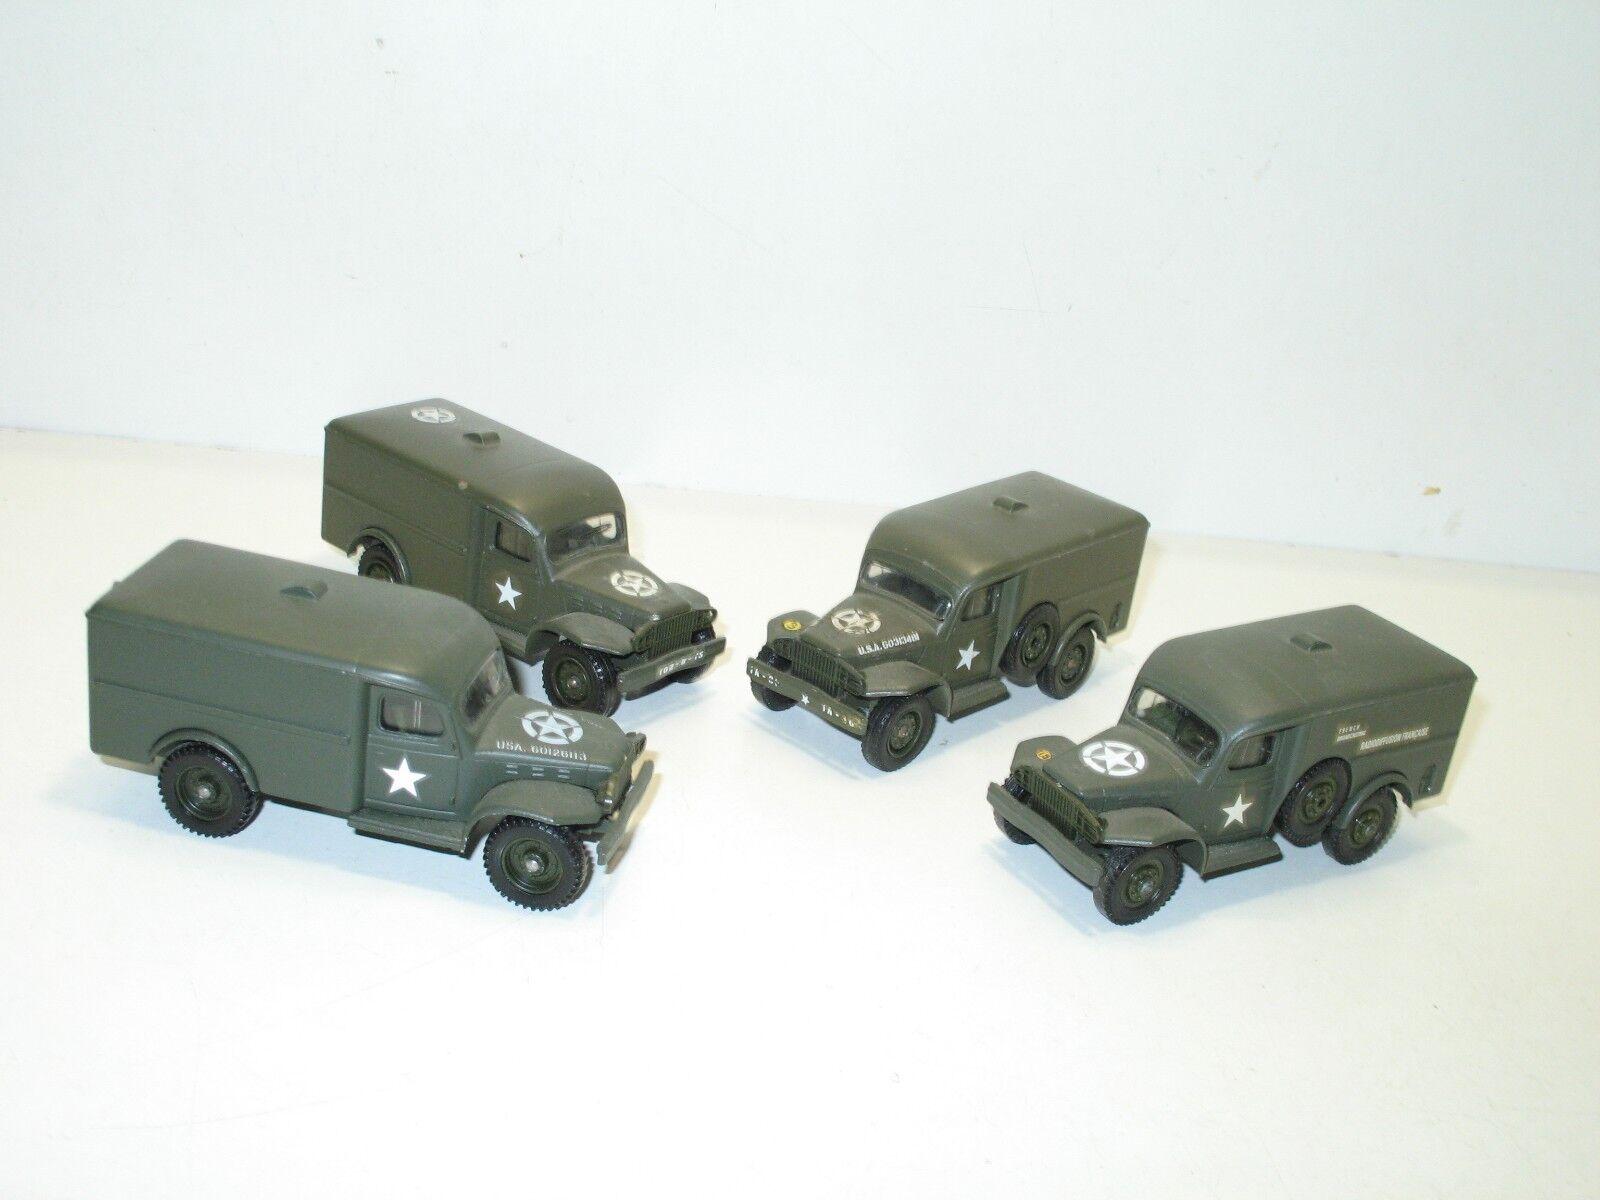 SOLIDO, camioneta Dodge WC 54 chapa, Ejército de los E.E.U.U. E.E.U.U. E.E.U.U. 2dd078